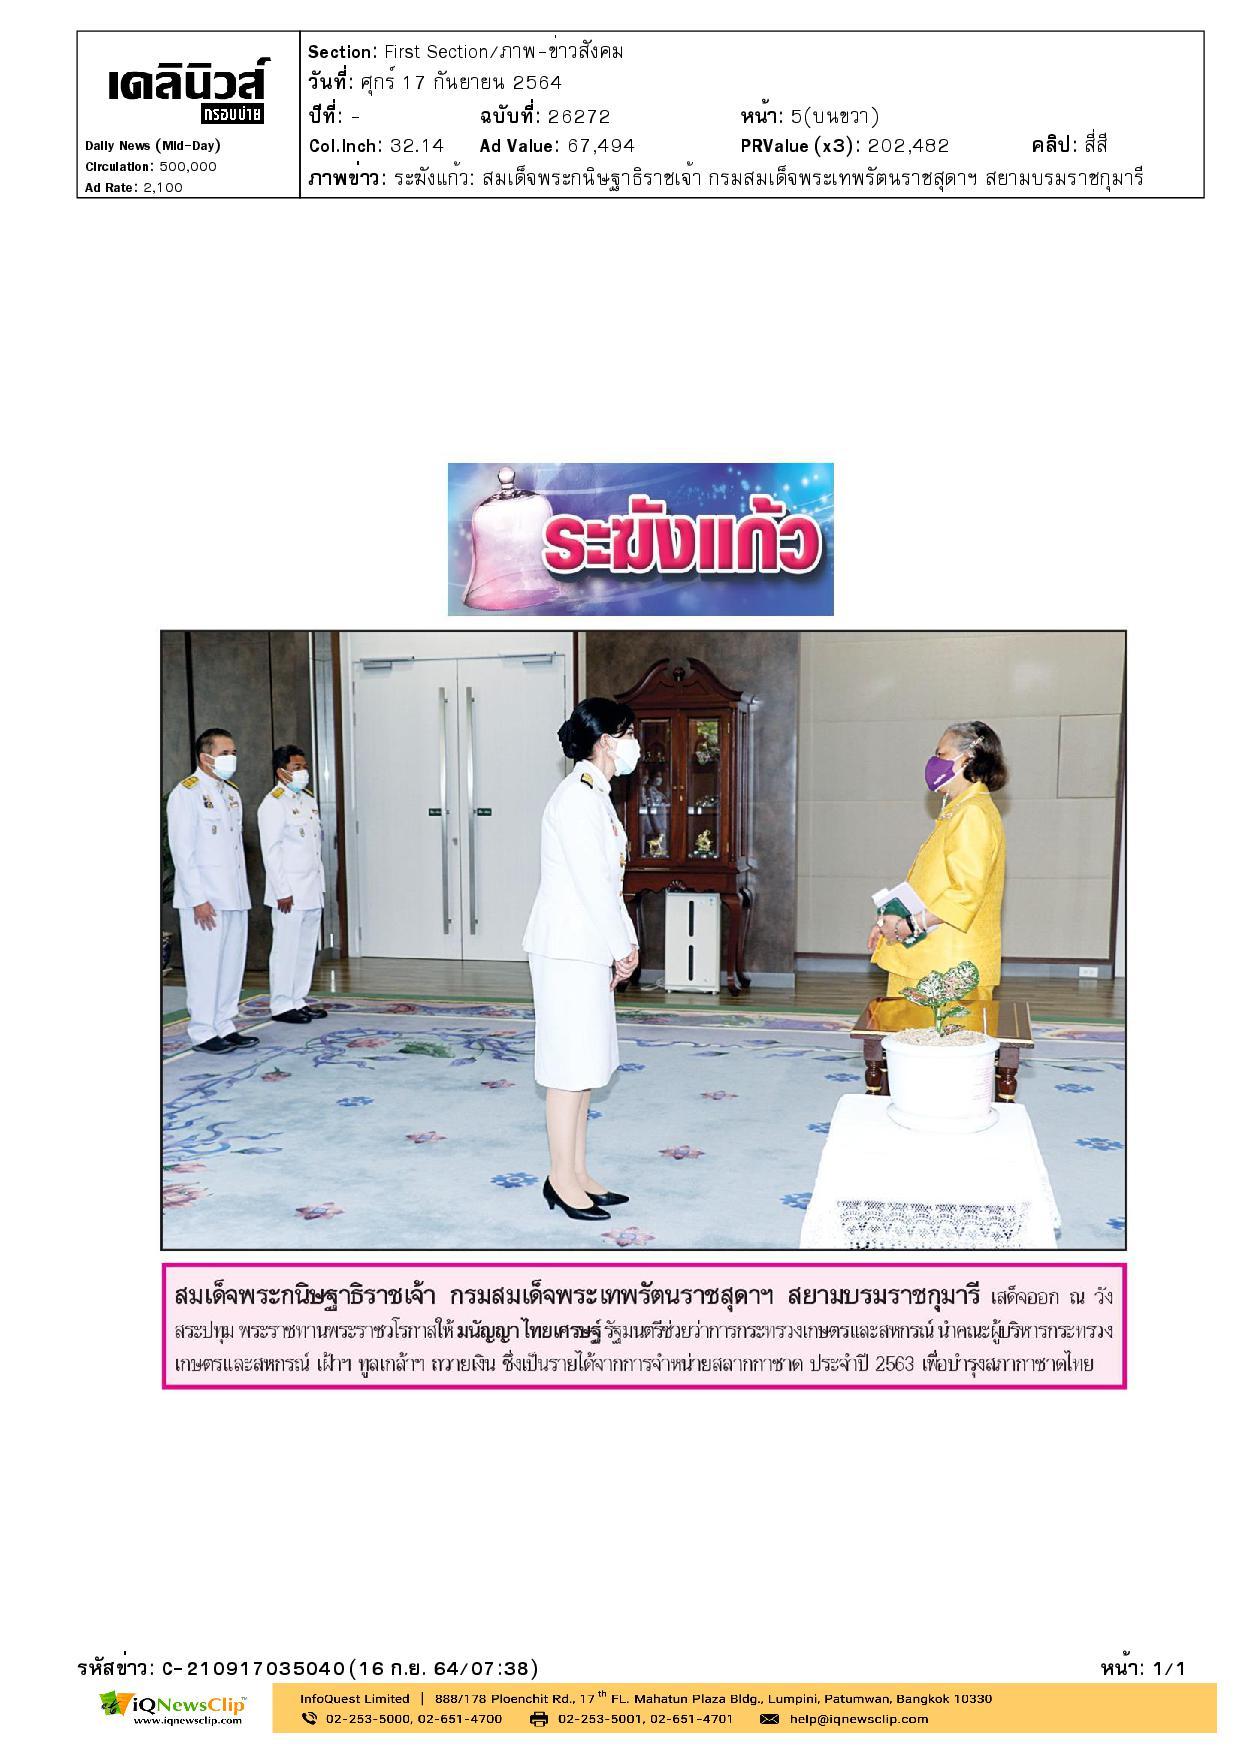 เฝ้าฯ ทูลเกล้าฯ ถวายเงินรายได้จากการออกร้านงานกาชาดออนไลน์ ประจำปี 2563 เพื่อบำรุงสภากาชาดไทย